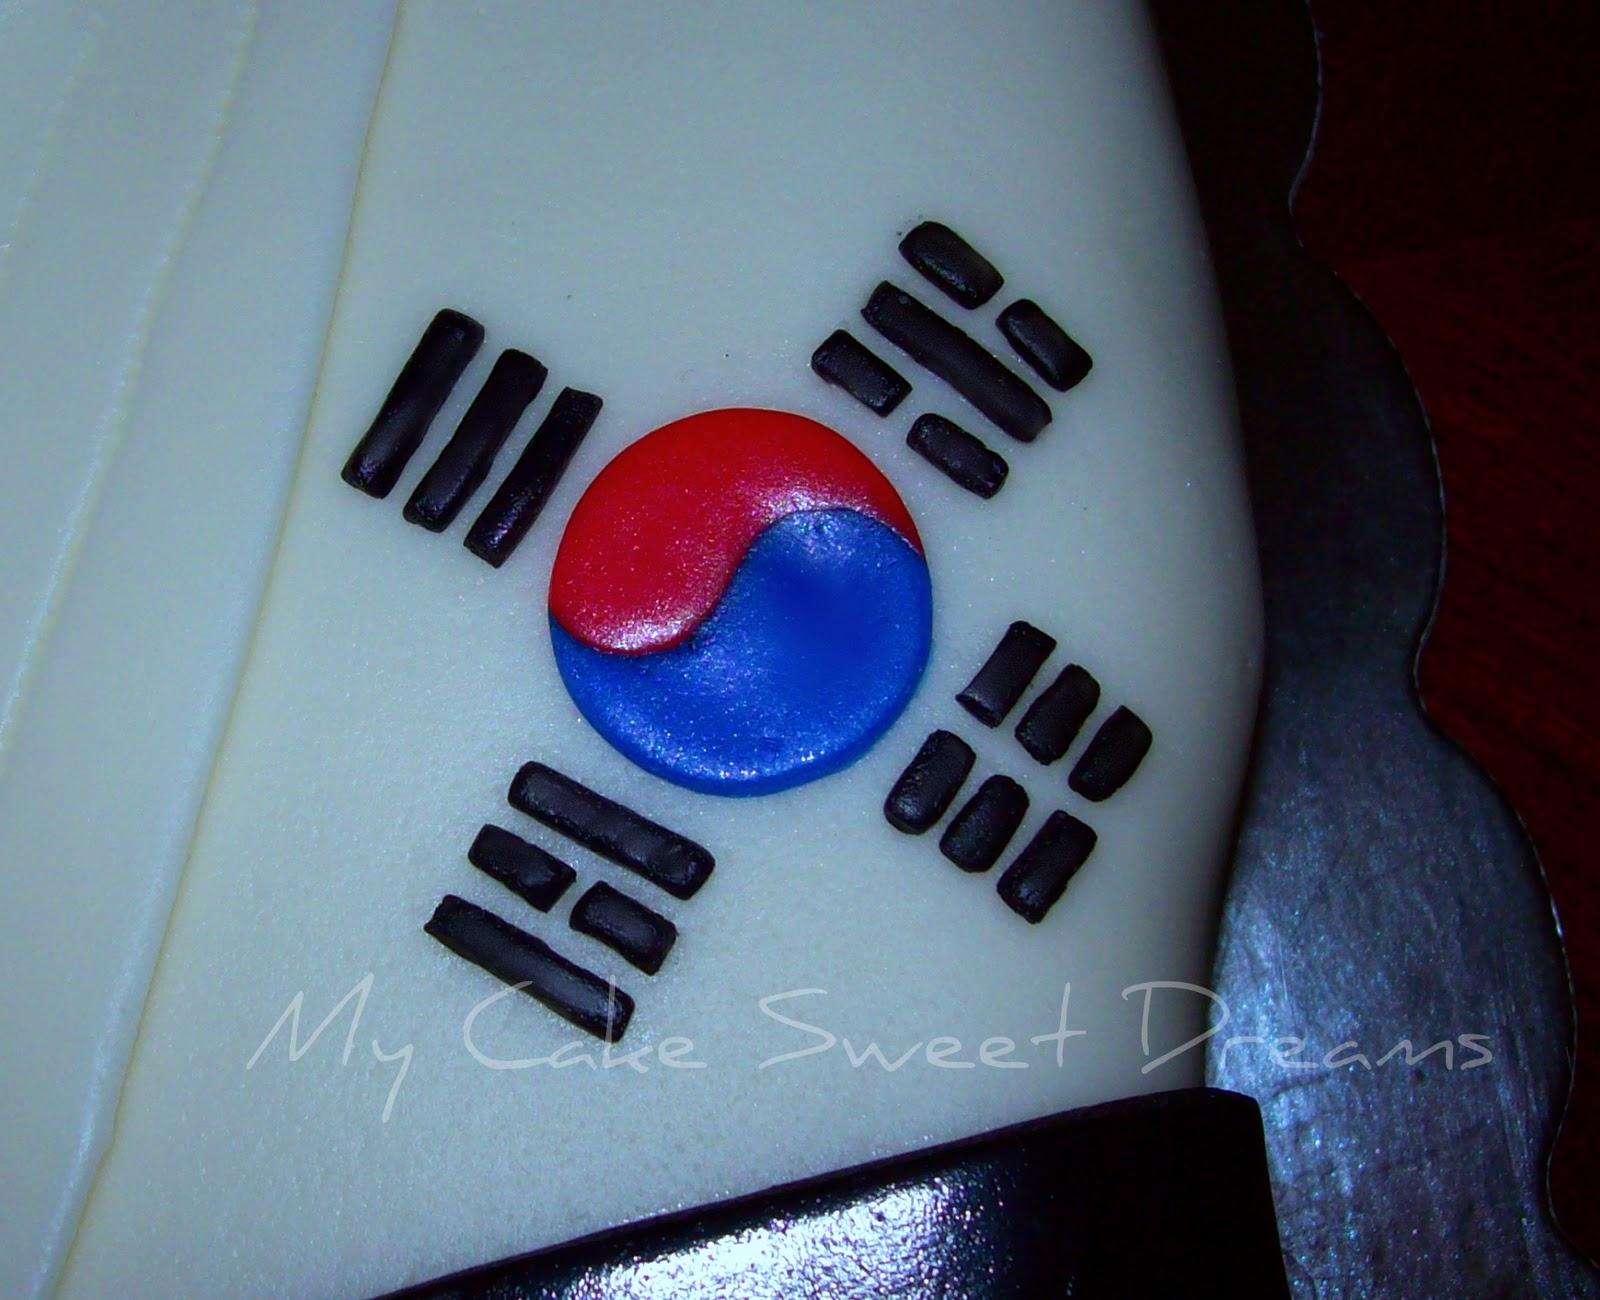 Mycakesweetdreams Tae Kwon Do Cake